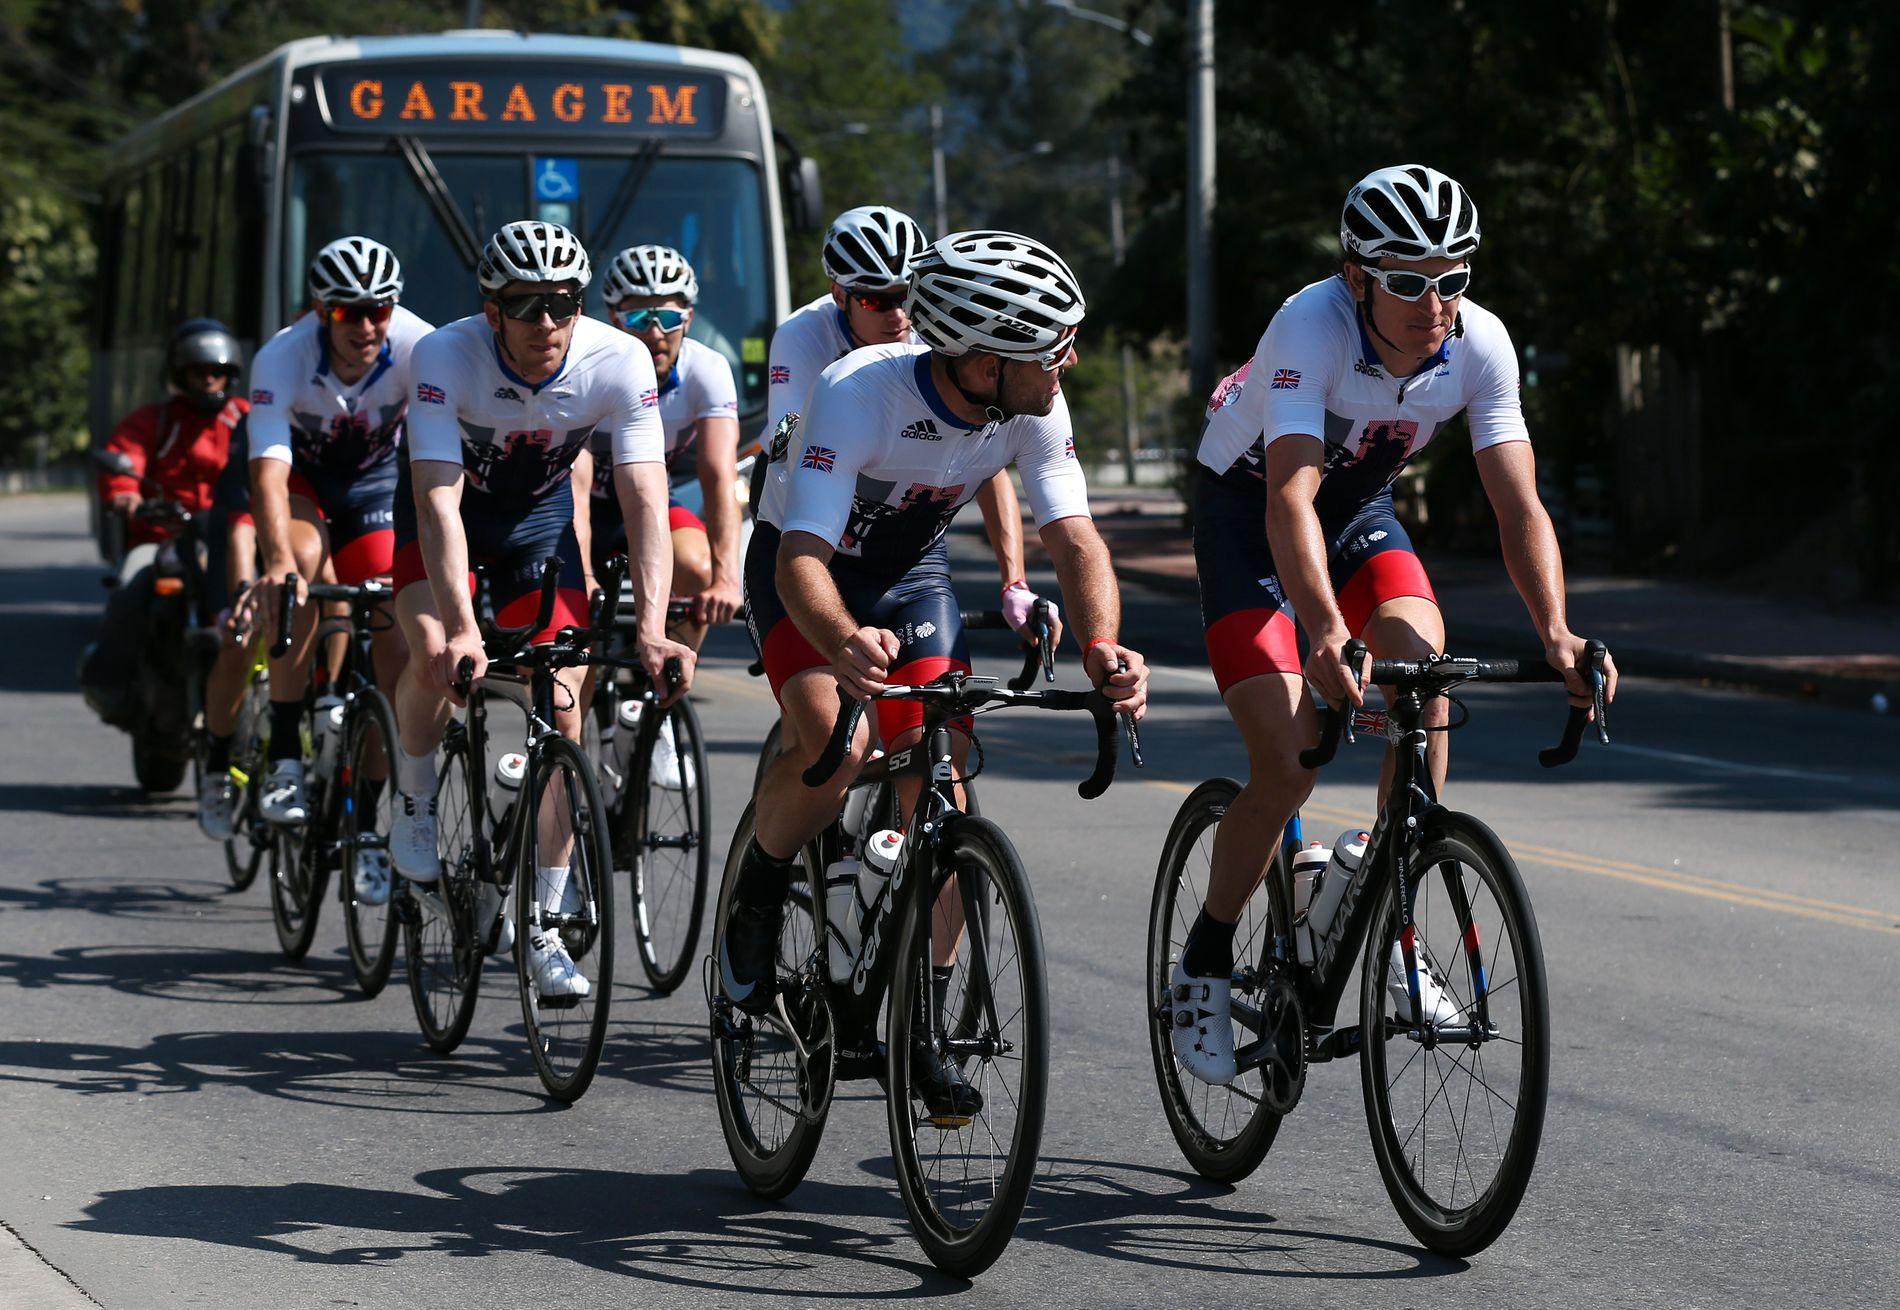 PÅ VEIEN: Mark Cavendish på veien under OL i Rio.